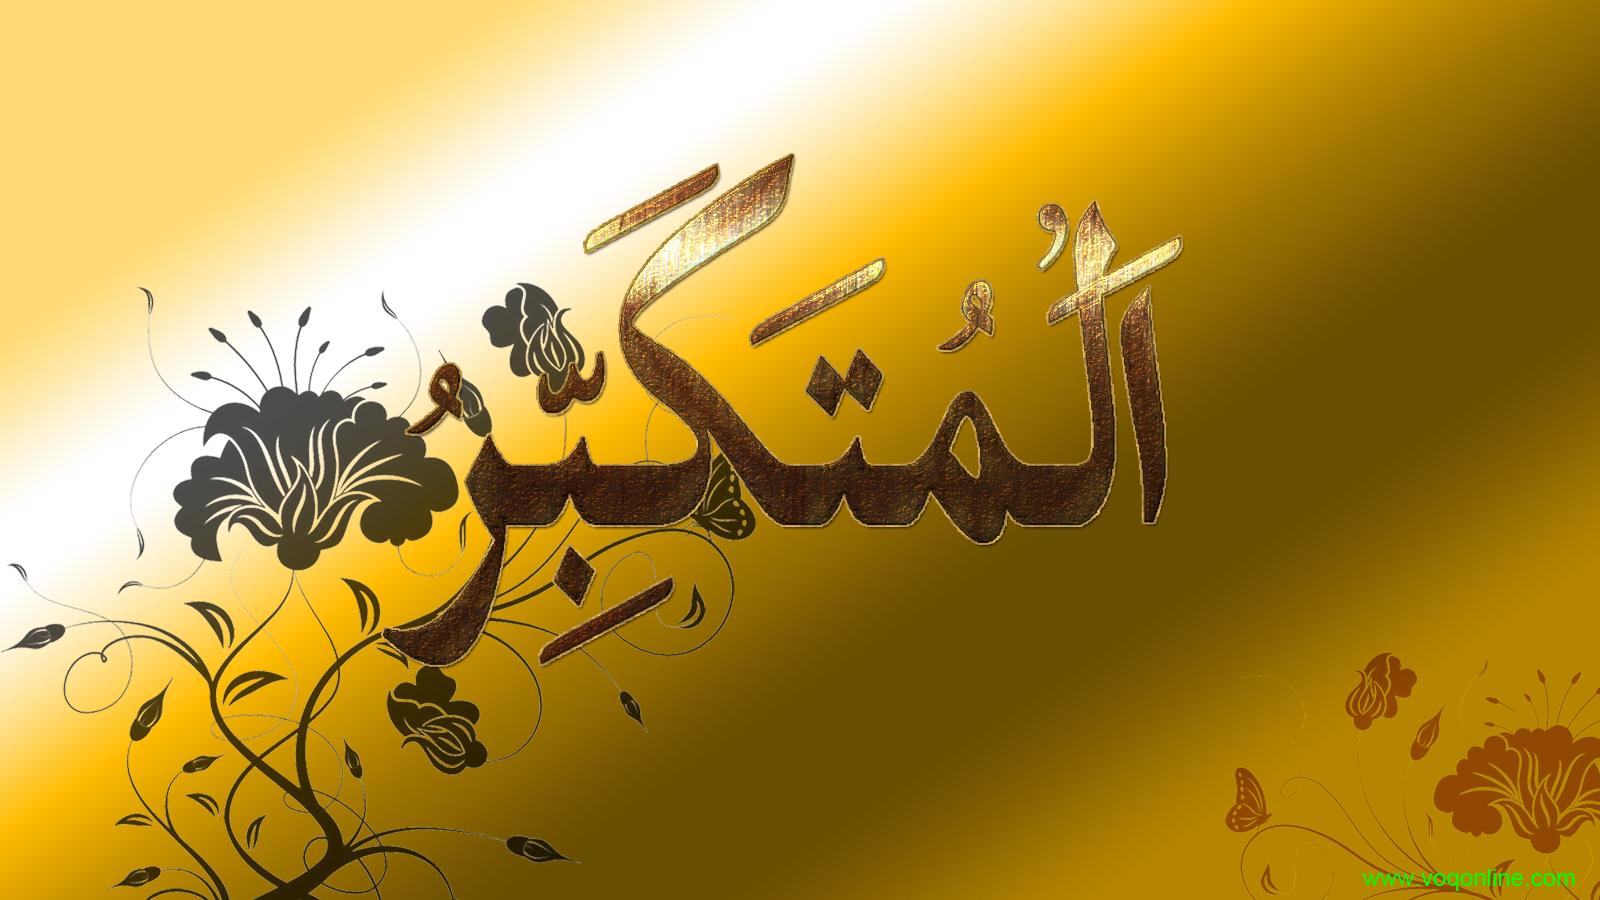 99 names of allah wallpaper